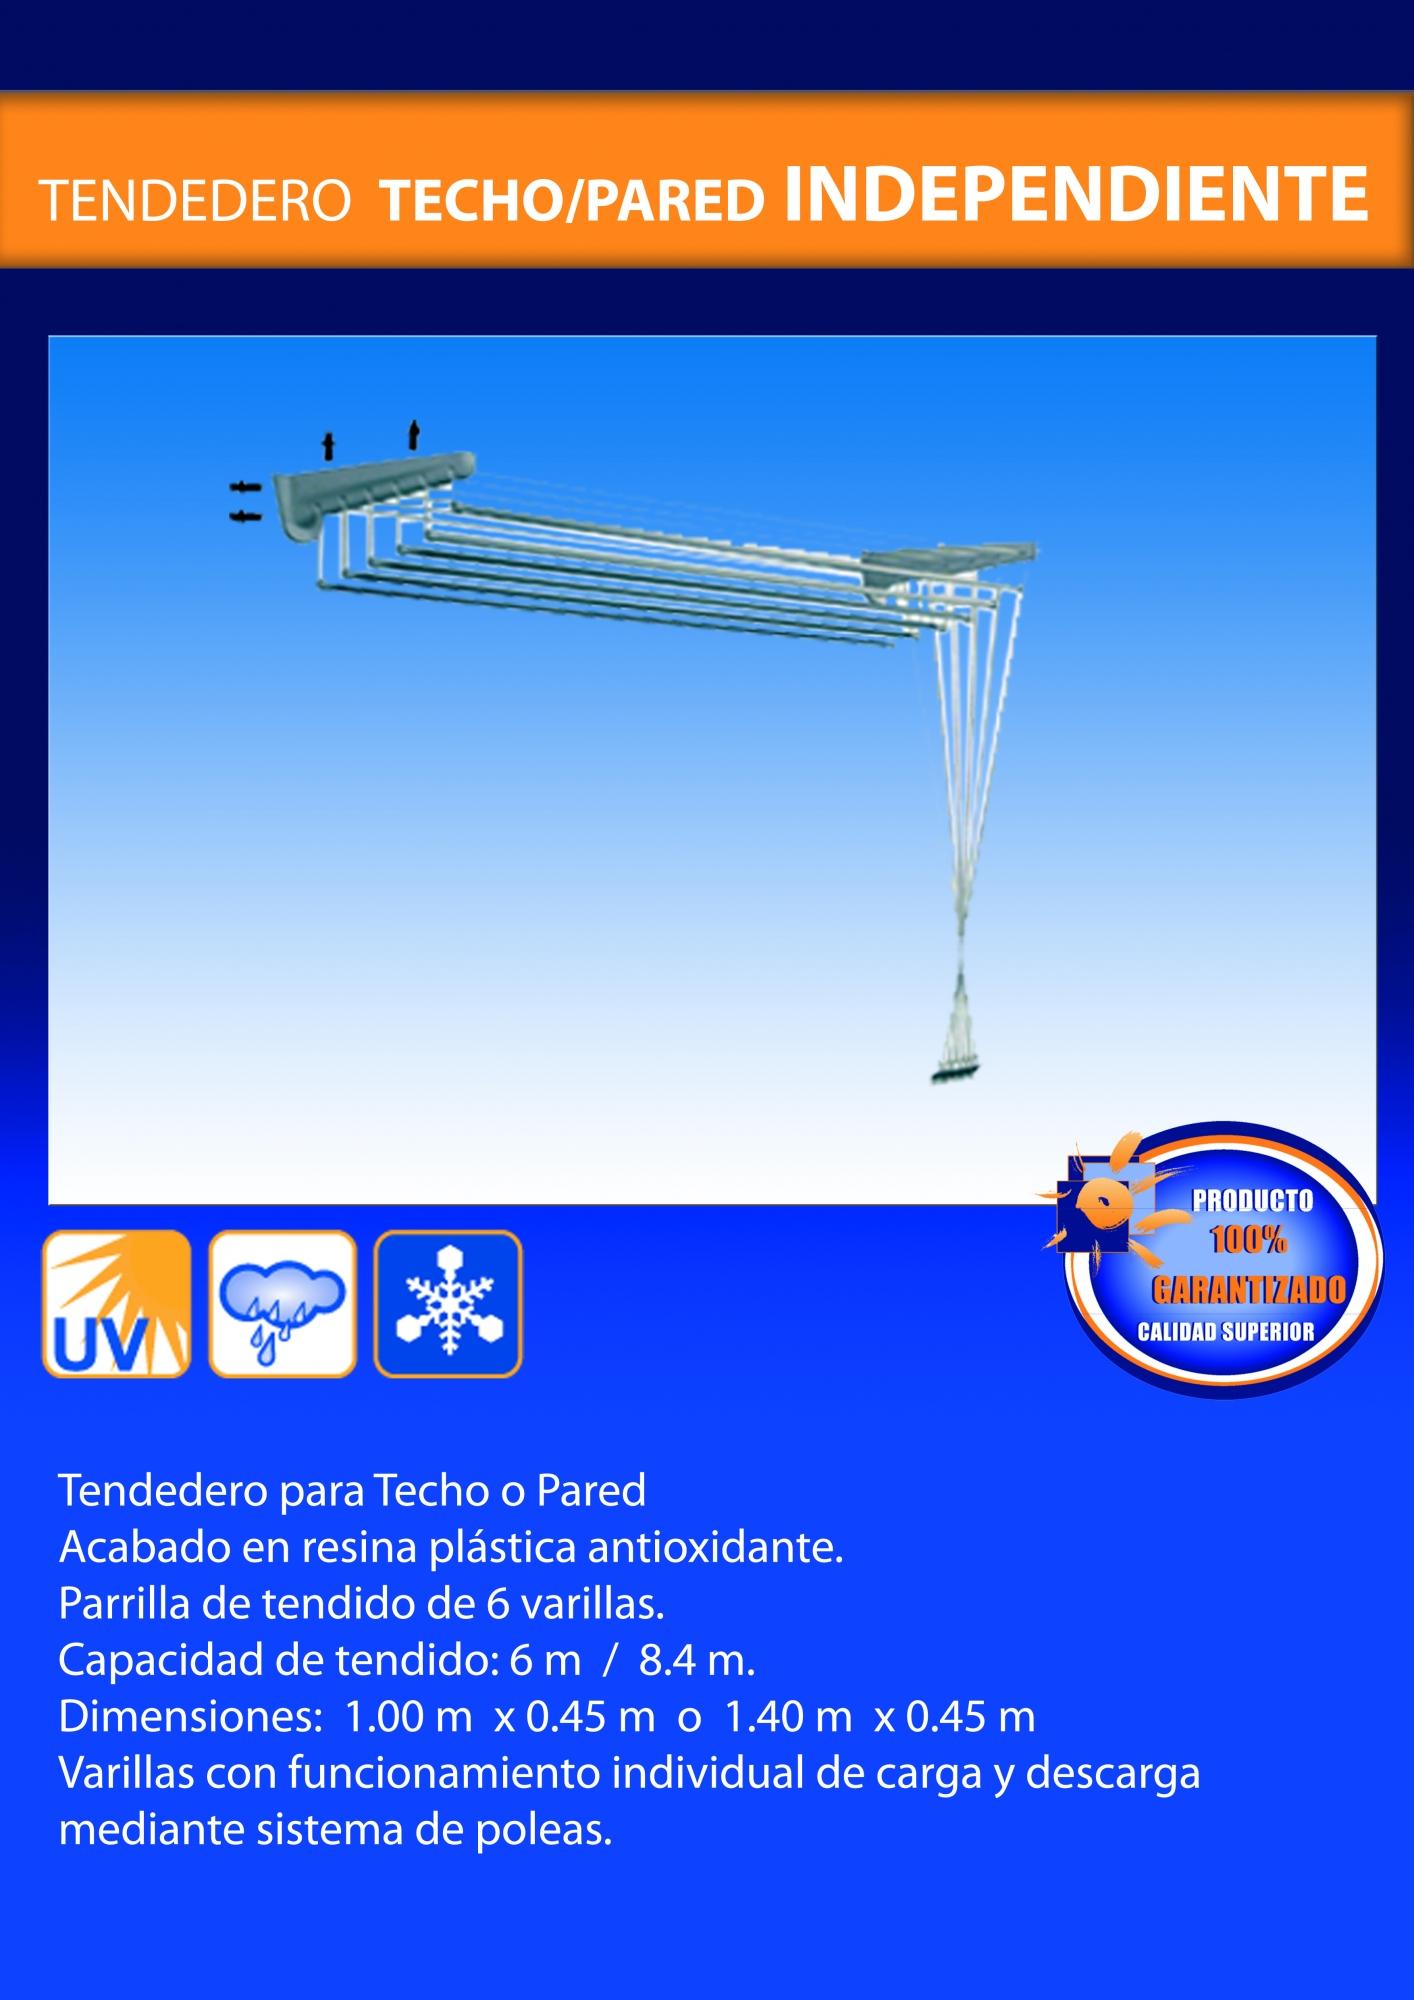 Tendedero de techo/pared independiente